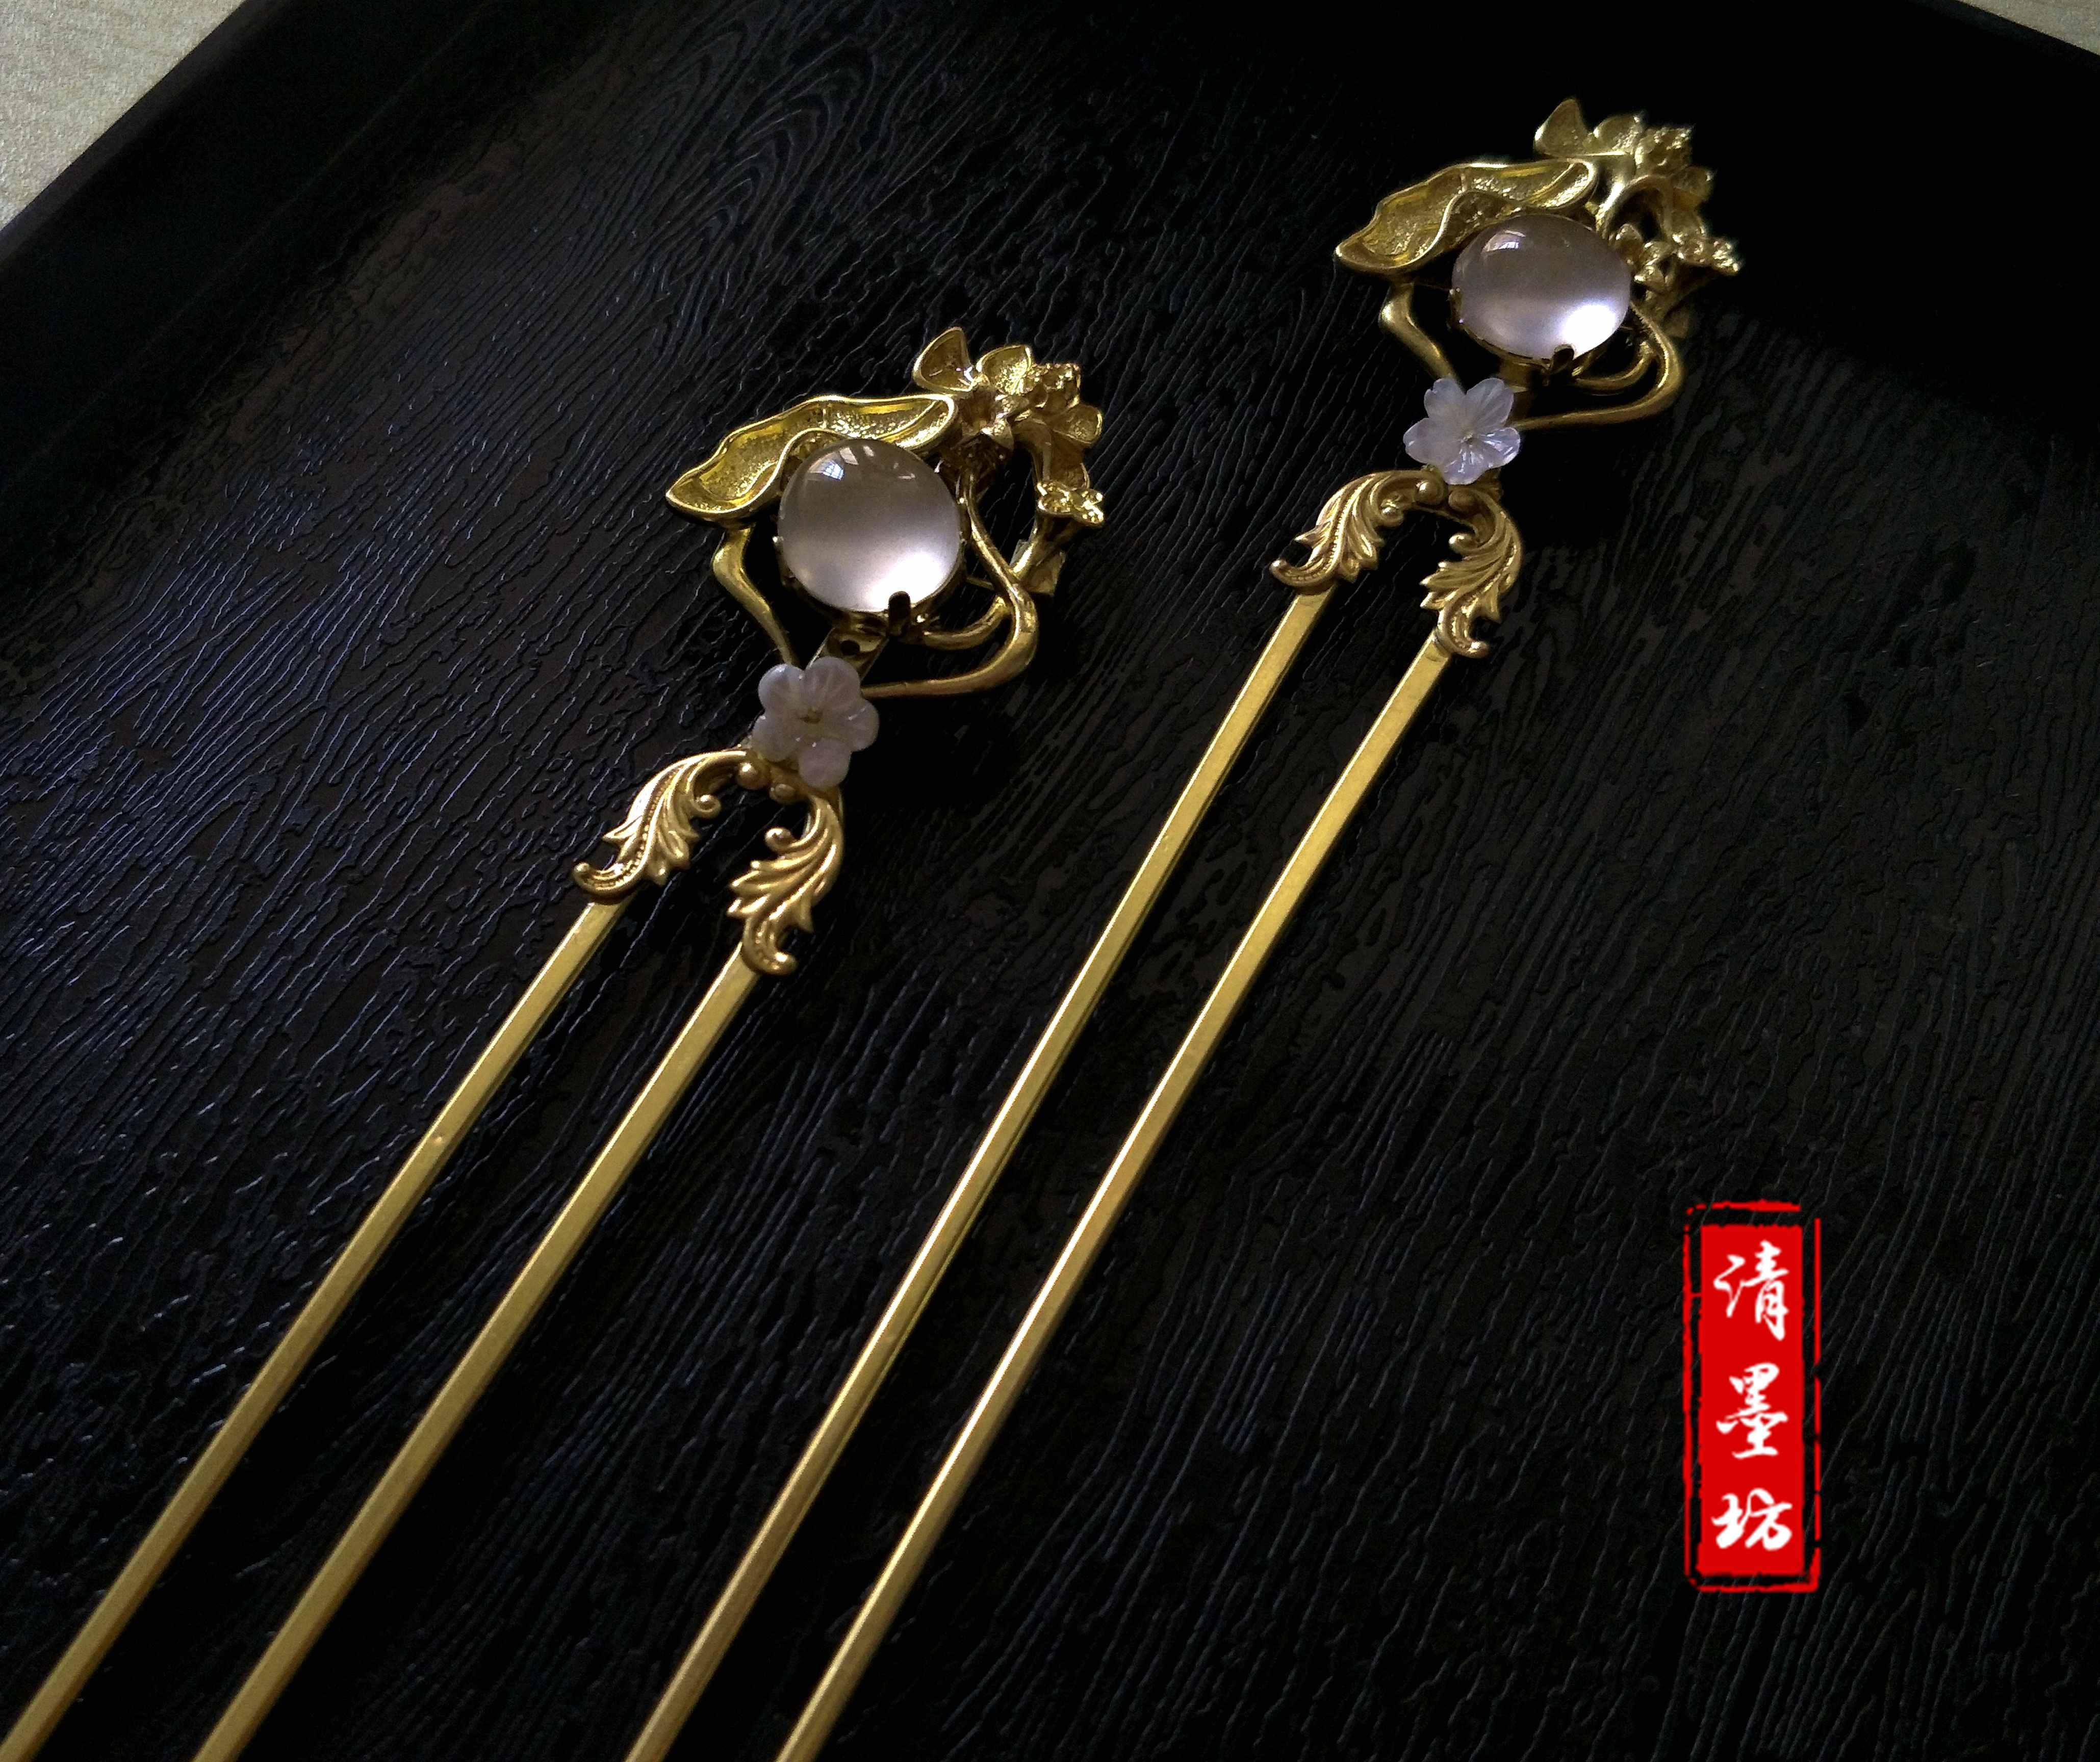 【清墨坊】荷间之 纯铜黄铜水沫玉发簪发钗 汉服配饰